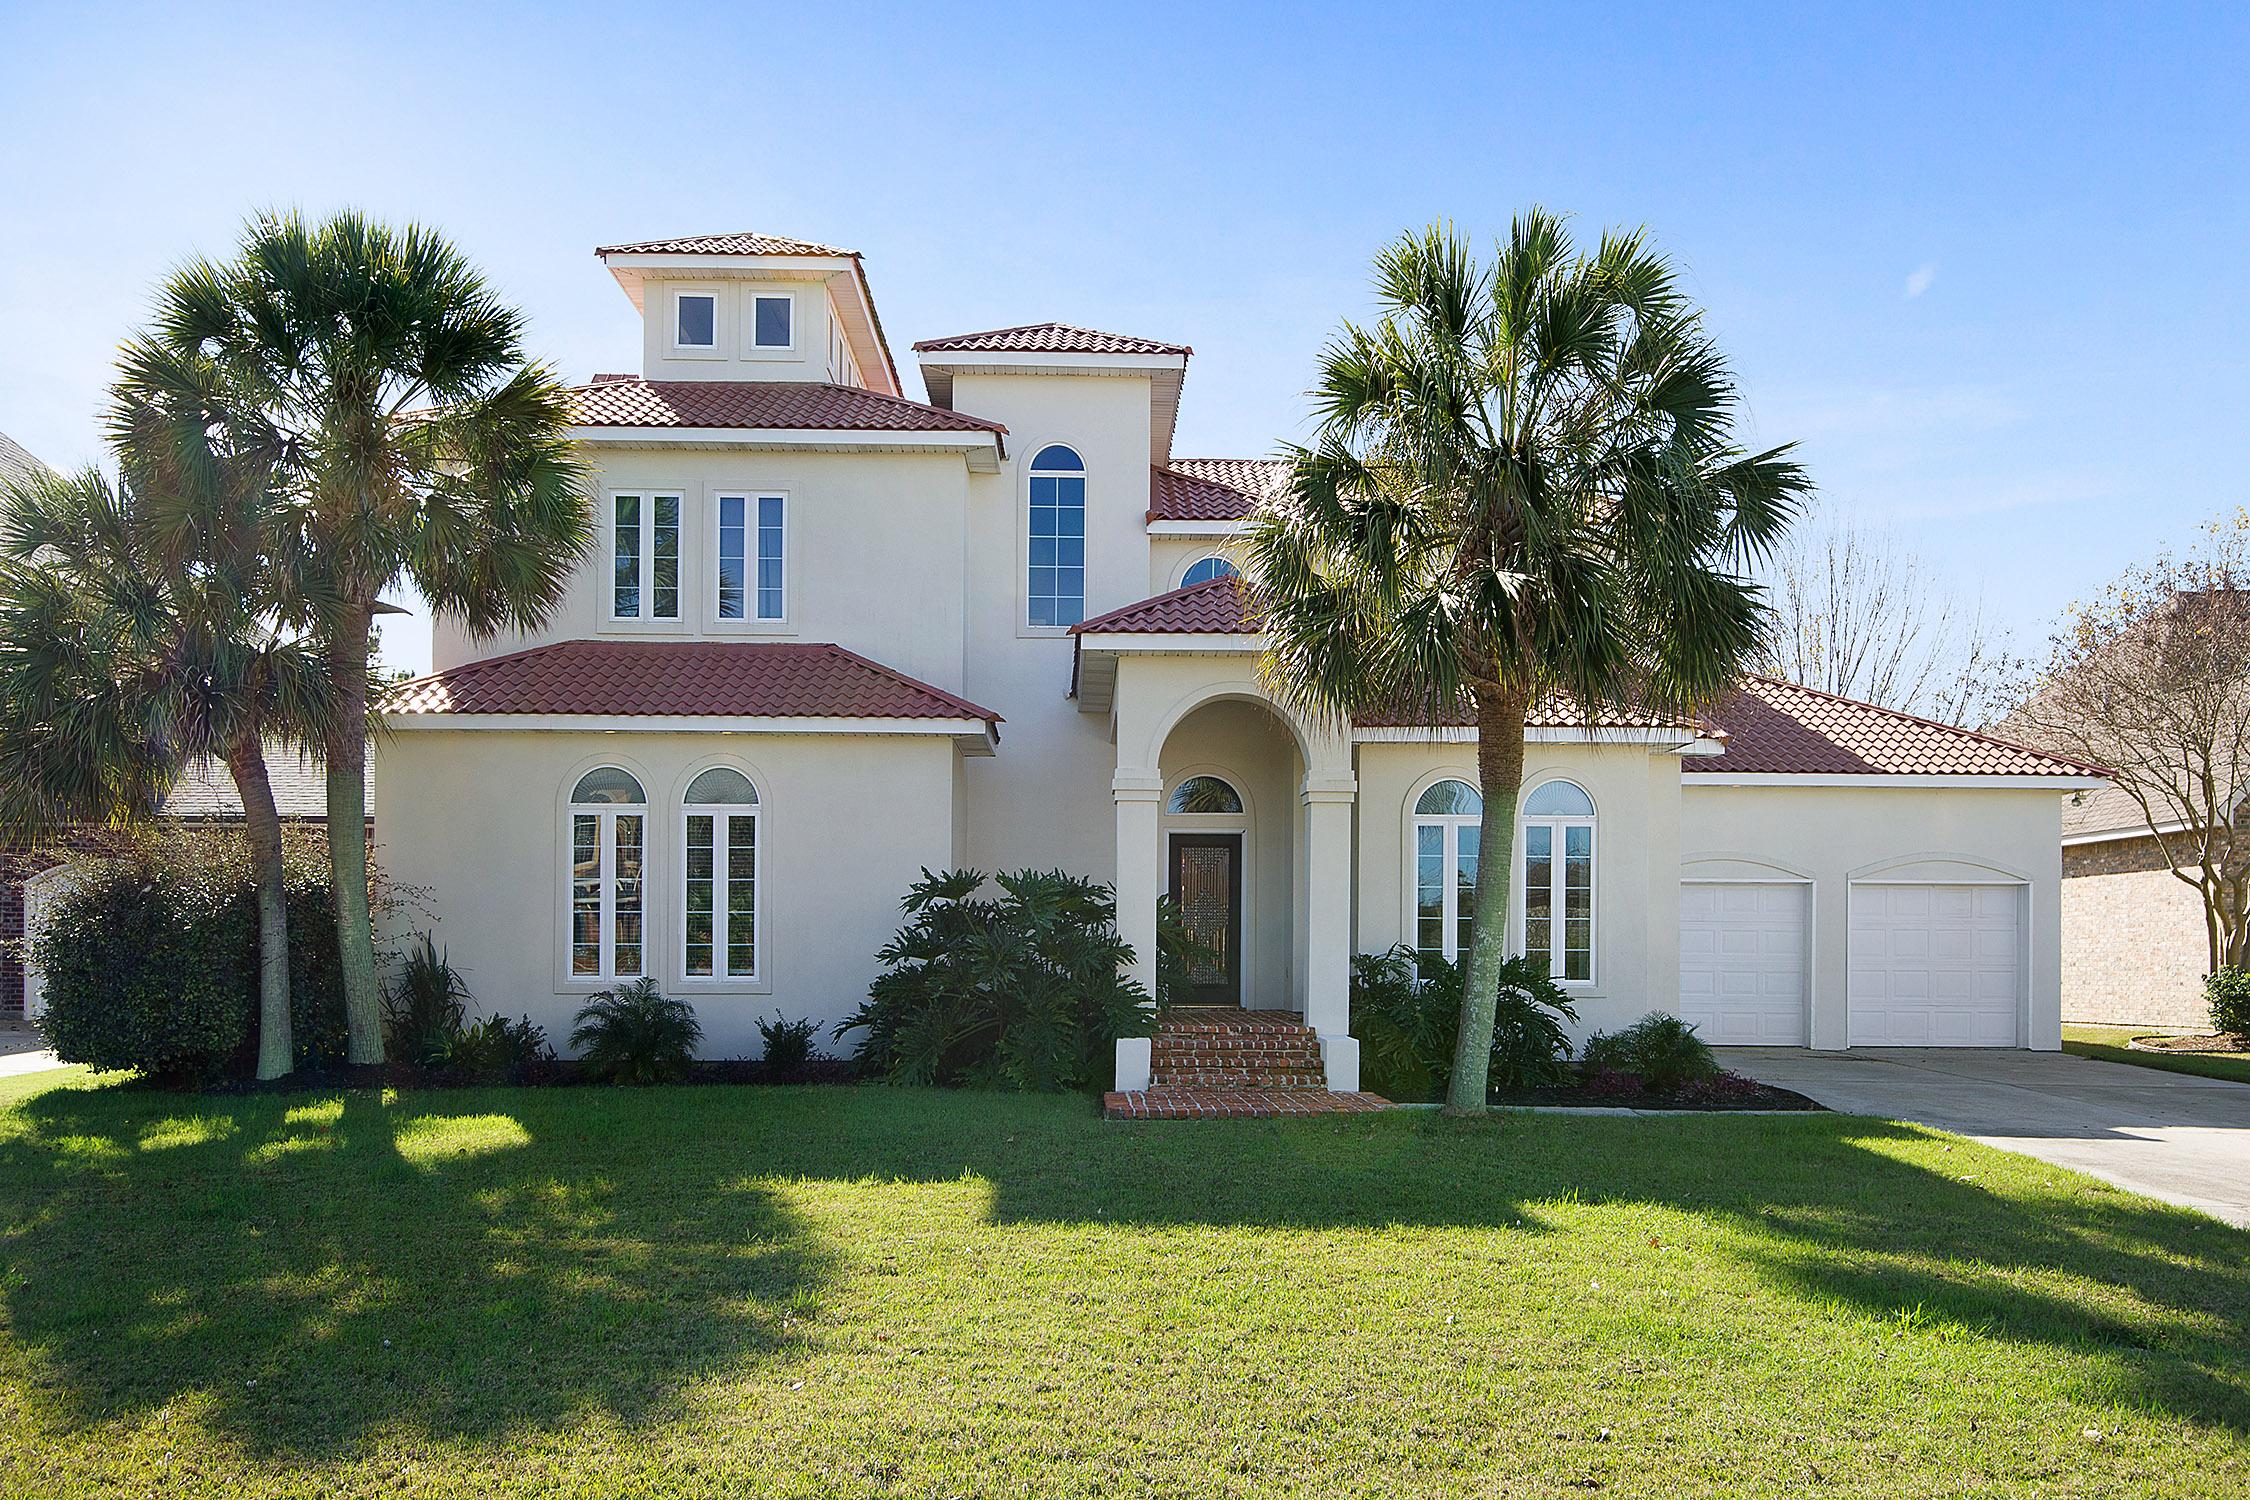 Maison unifamiliale pour l Vente à 12 Harbor Cove Slidell, Louisiana, 70458 États-Unis